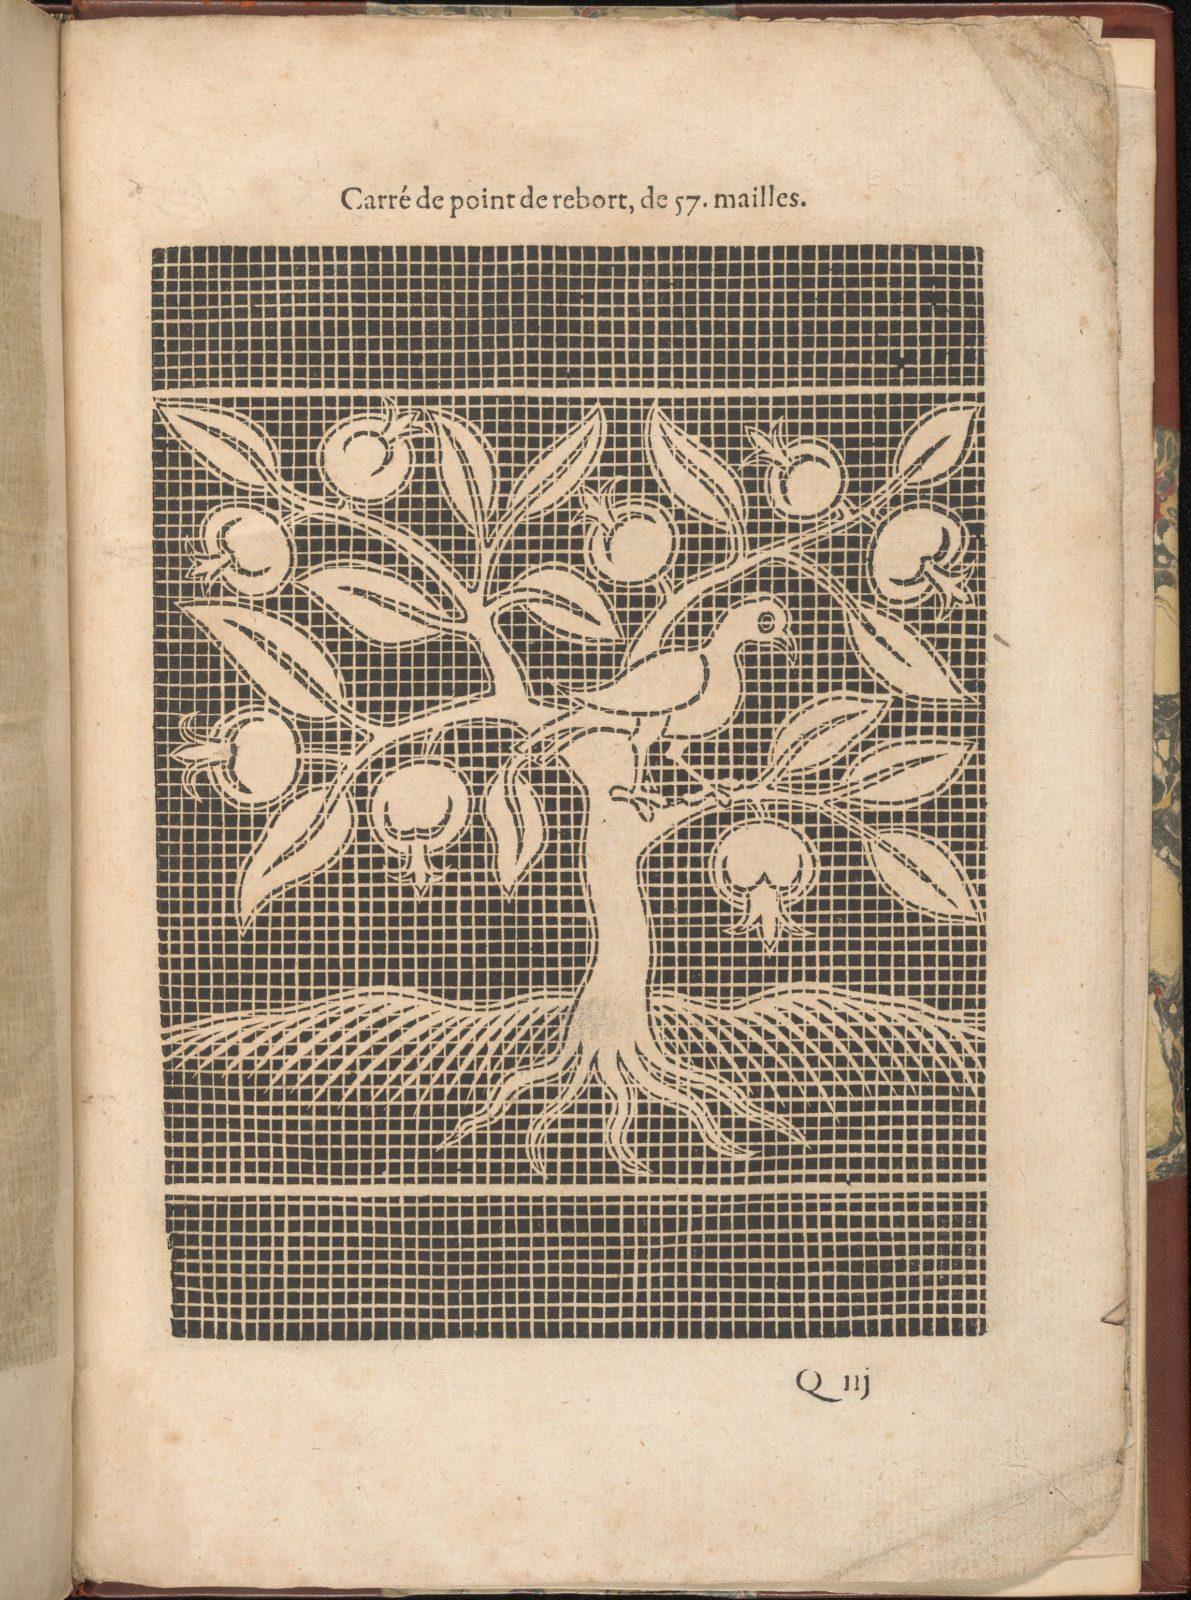 Les Secondes Oeuvres, et Subtiles Inventions De Lingerie du Seigneur Federic de Vinciolo Venitien, page 63 (recto)